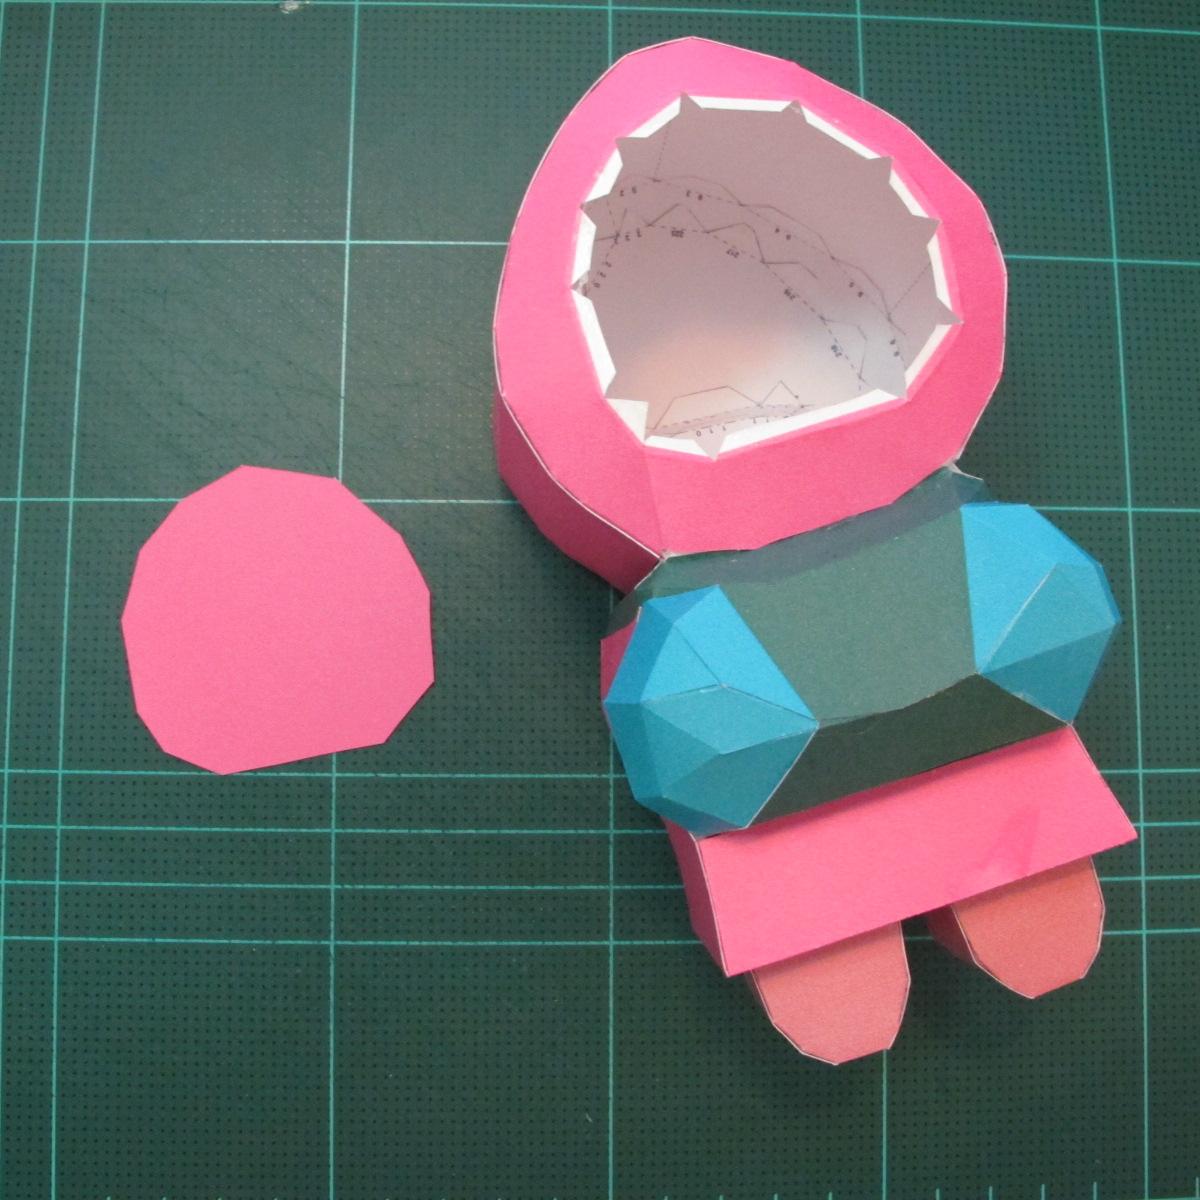 วิธีทำโมเดลกระดาษตุ้กตาคุกกี้รัน คุกกี้รสสตอเบอรี่ (LINE Cookie Run Strawberry Cookie Papercraft Model) 032